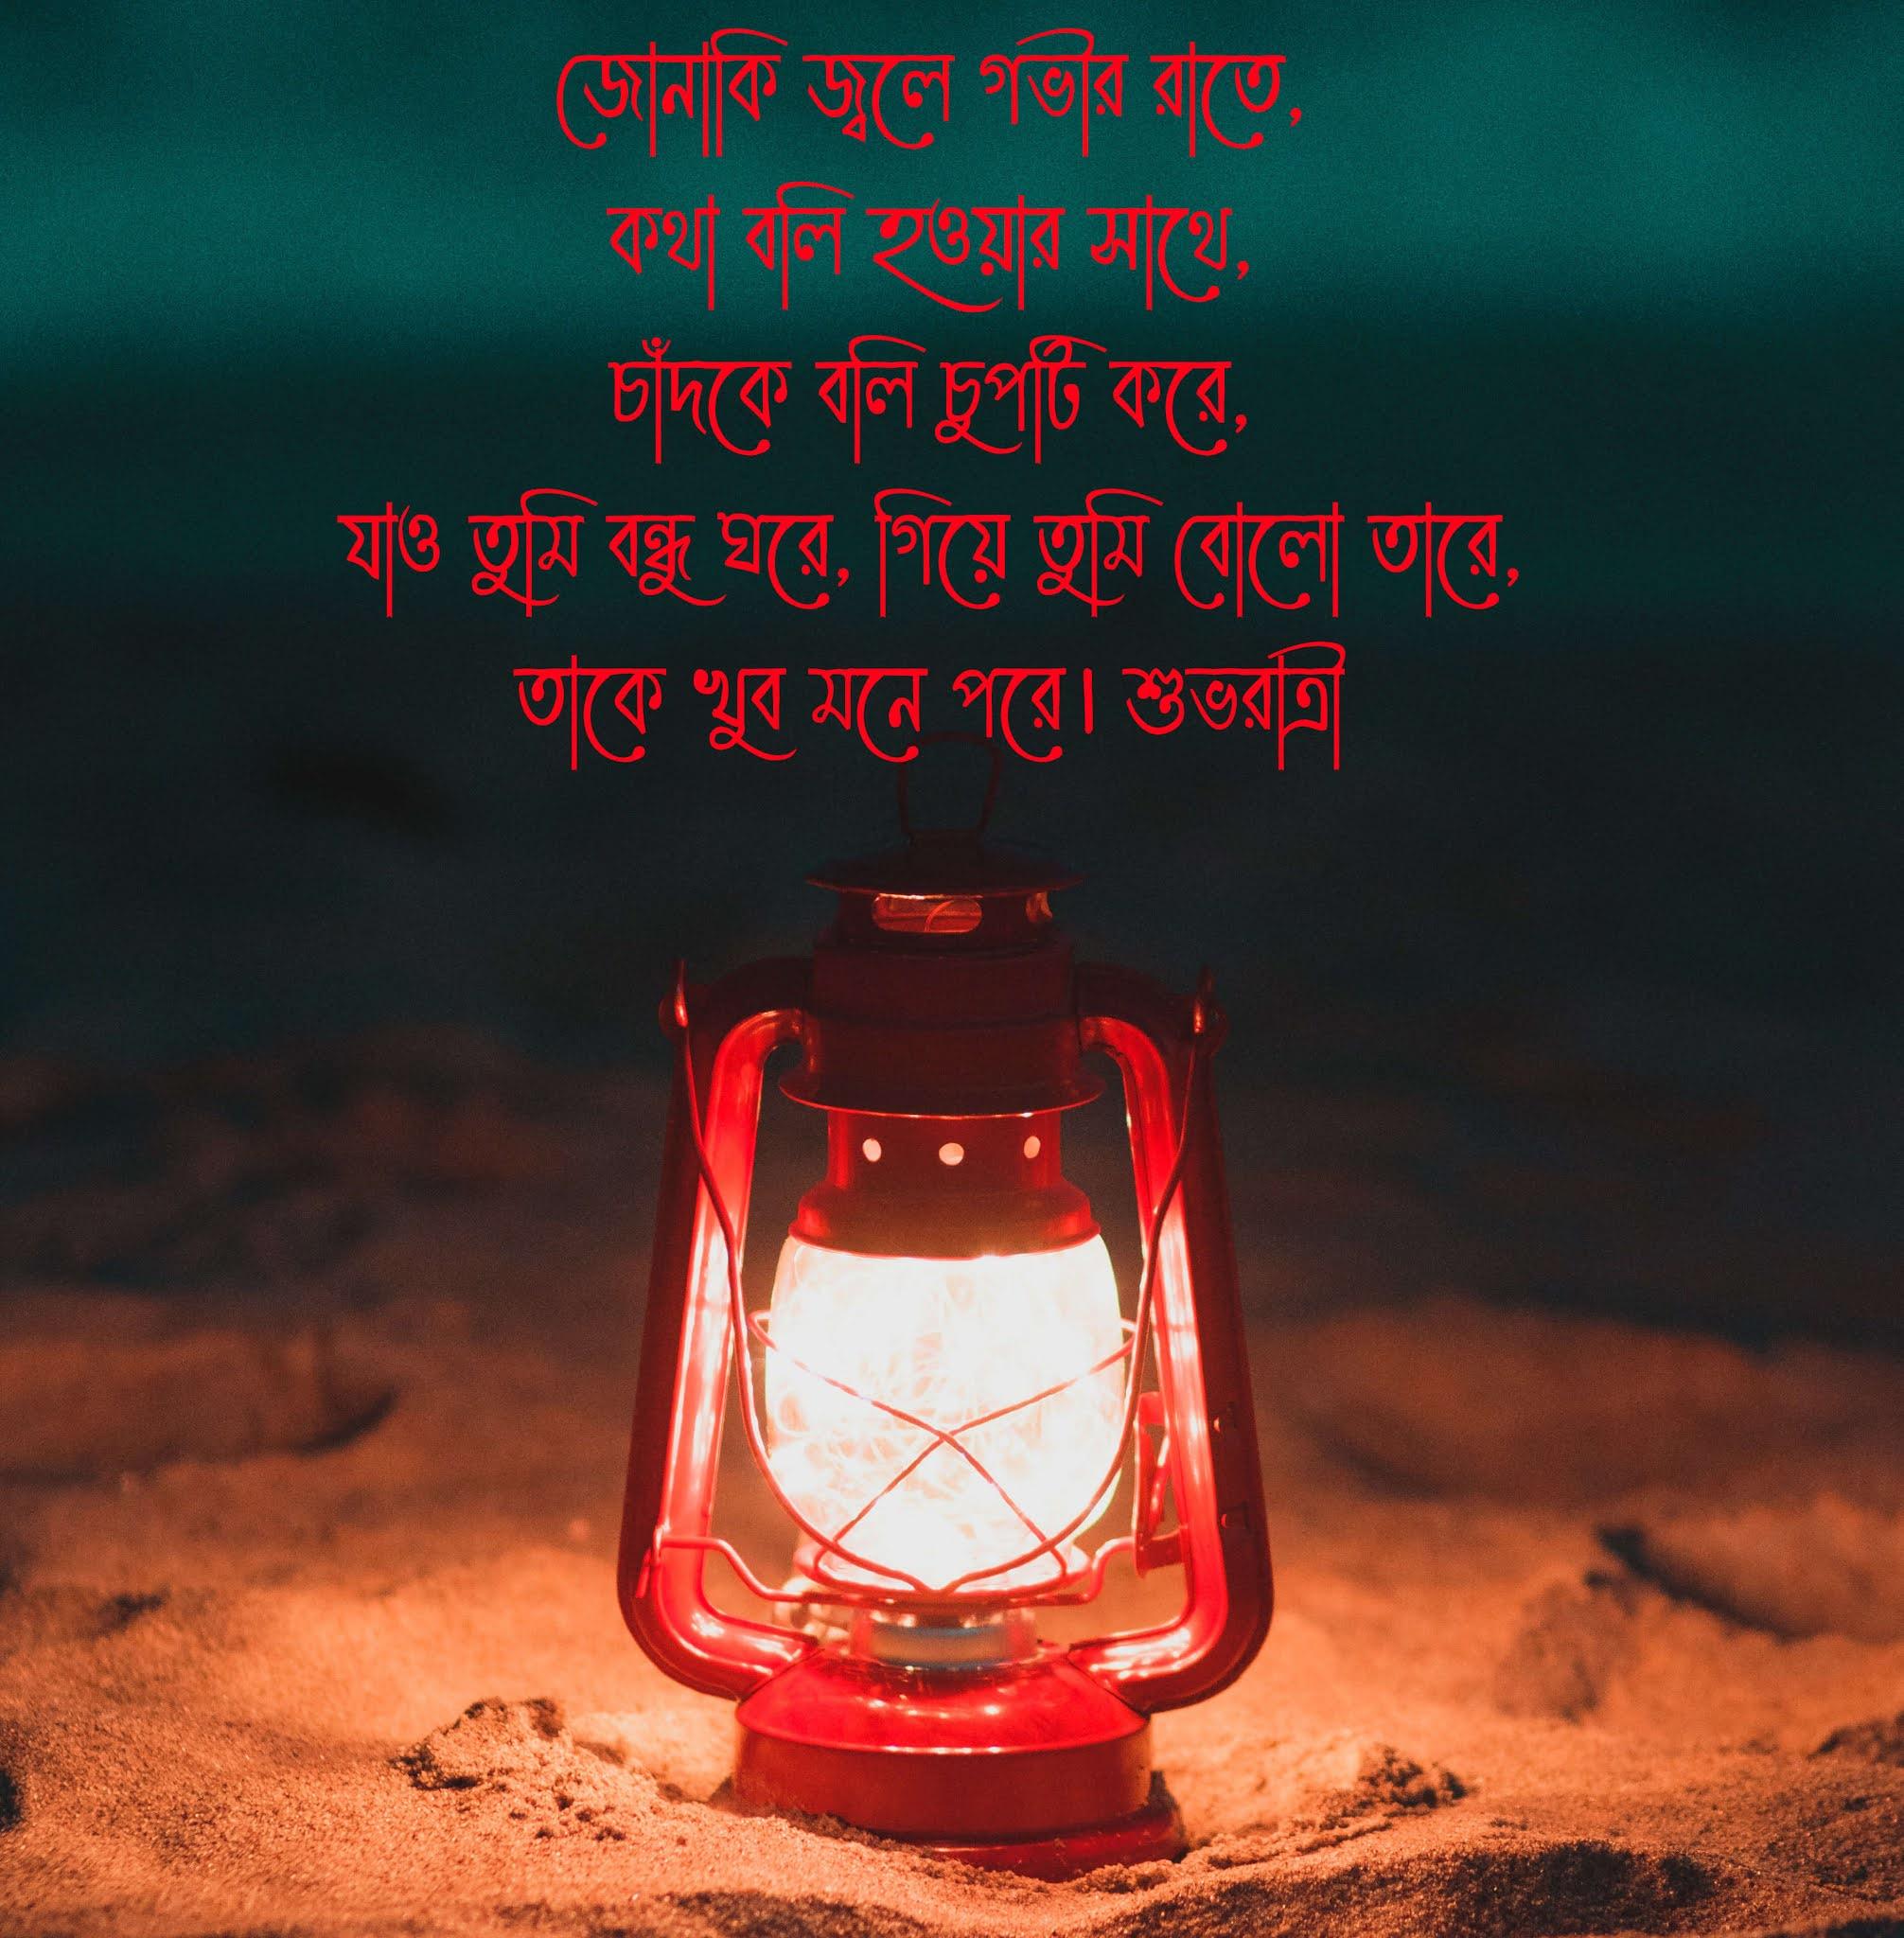 Bengali subho ratri image